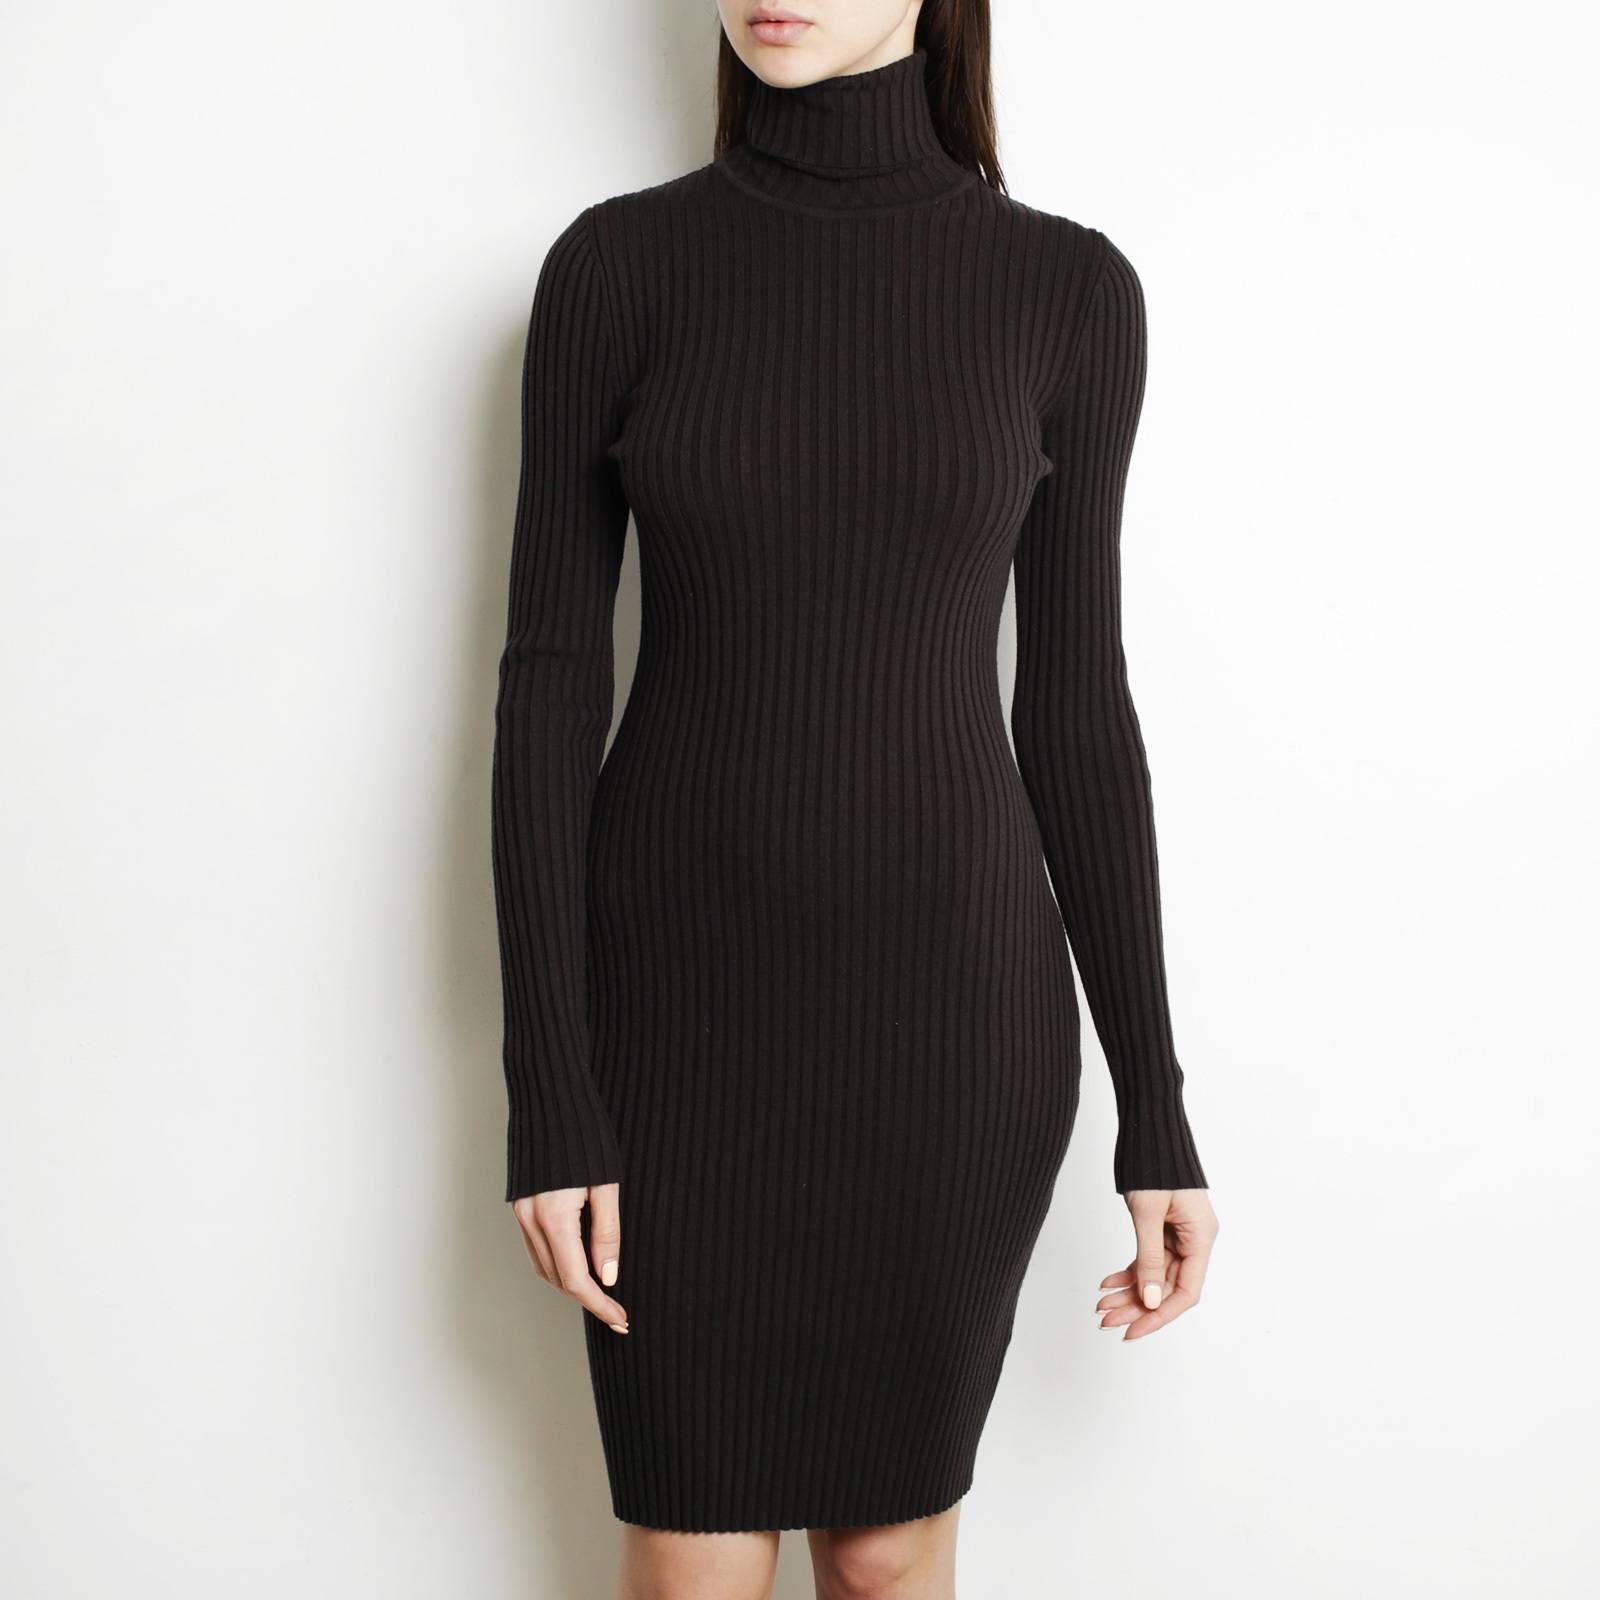 b066bc7f0882733 Купить платье Wolford в Москве с доставкой по цене 7700 рублей ...